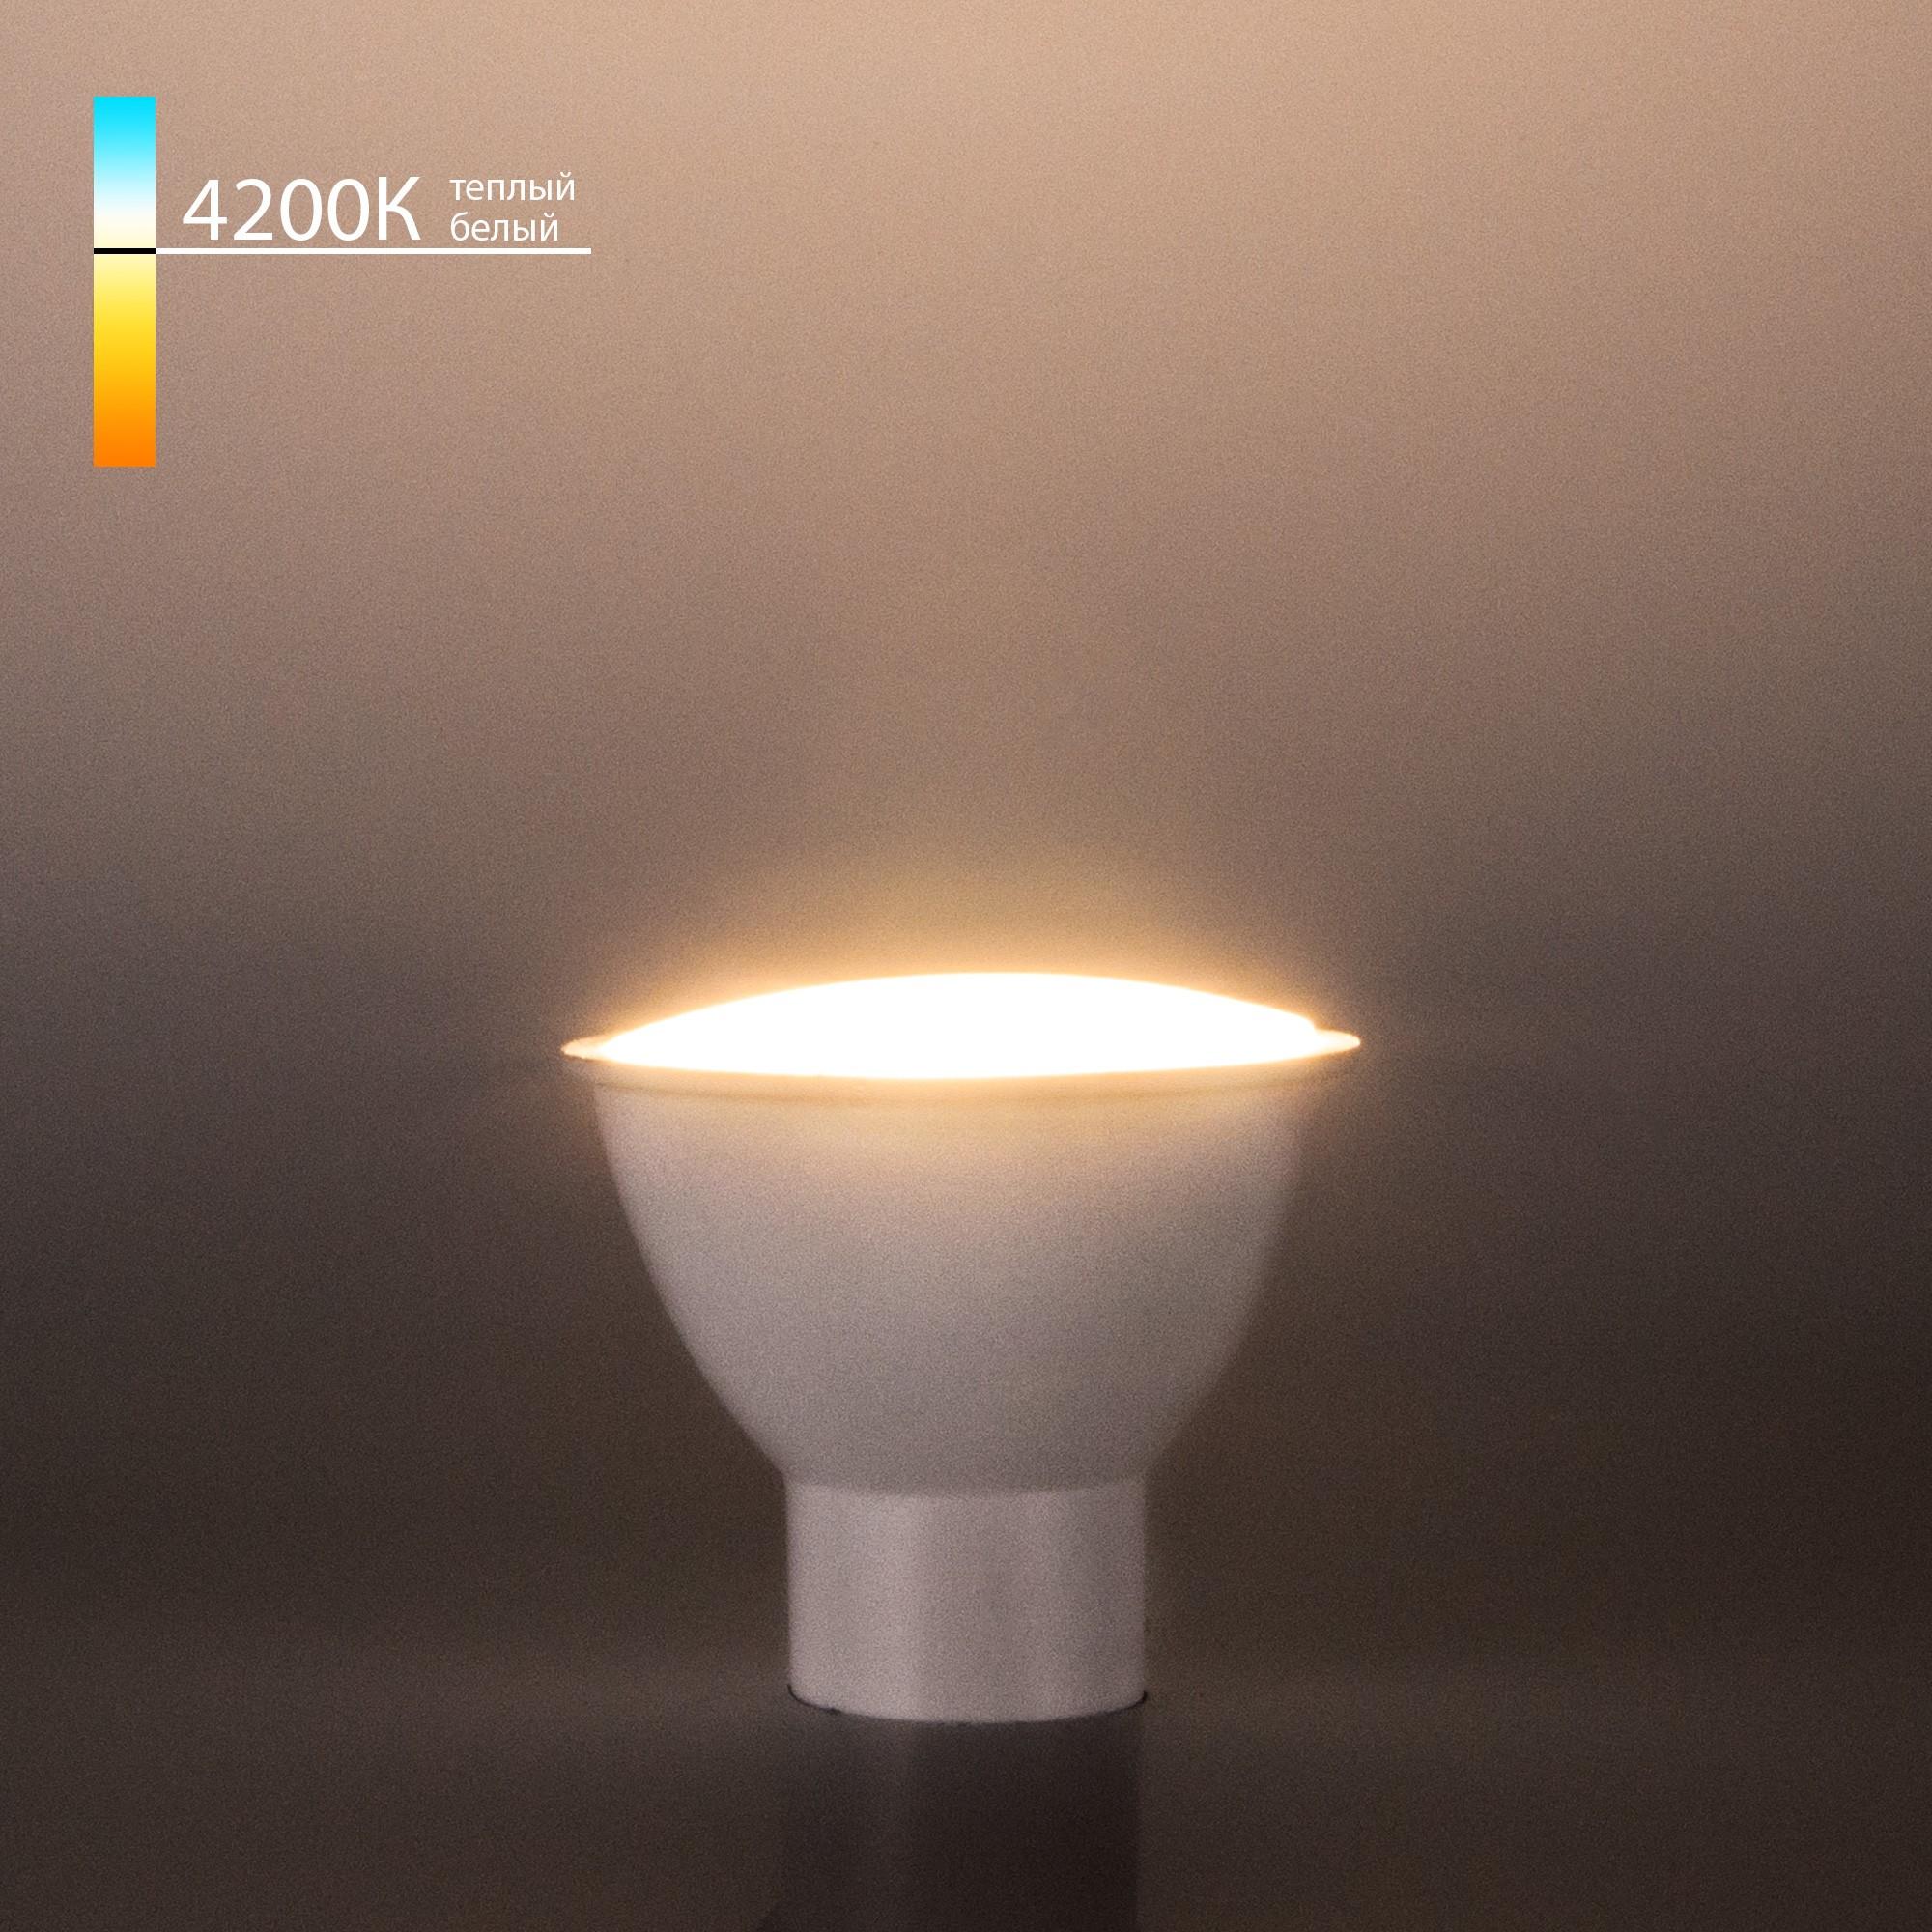 GU10 LED 7W 4200K (BLGU1006)